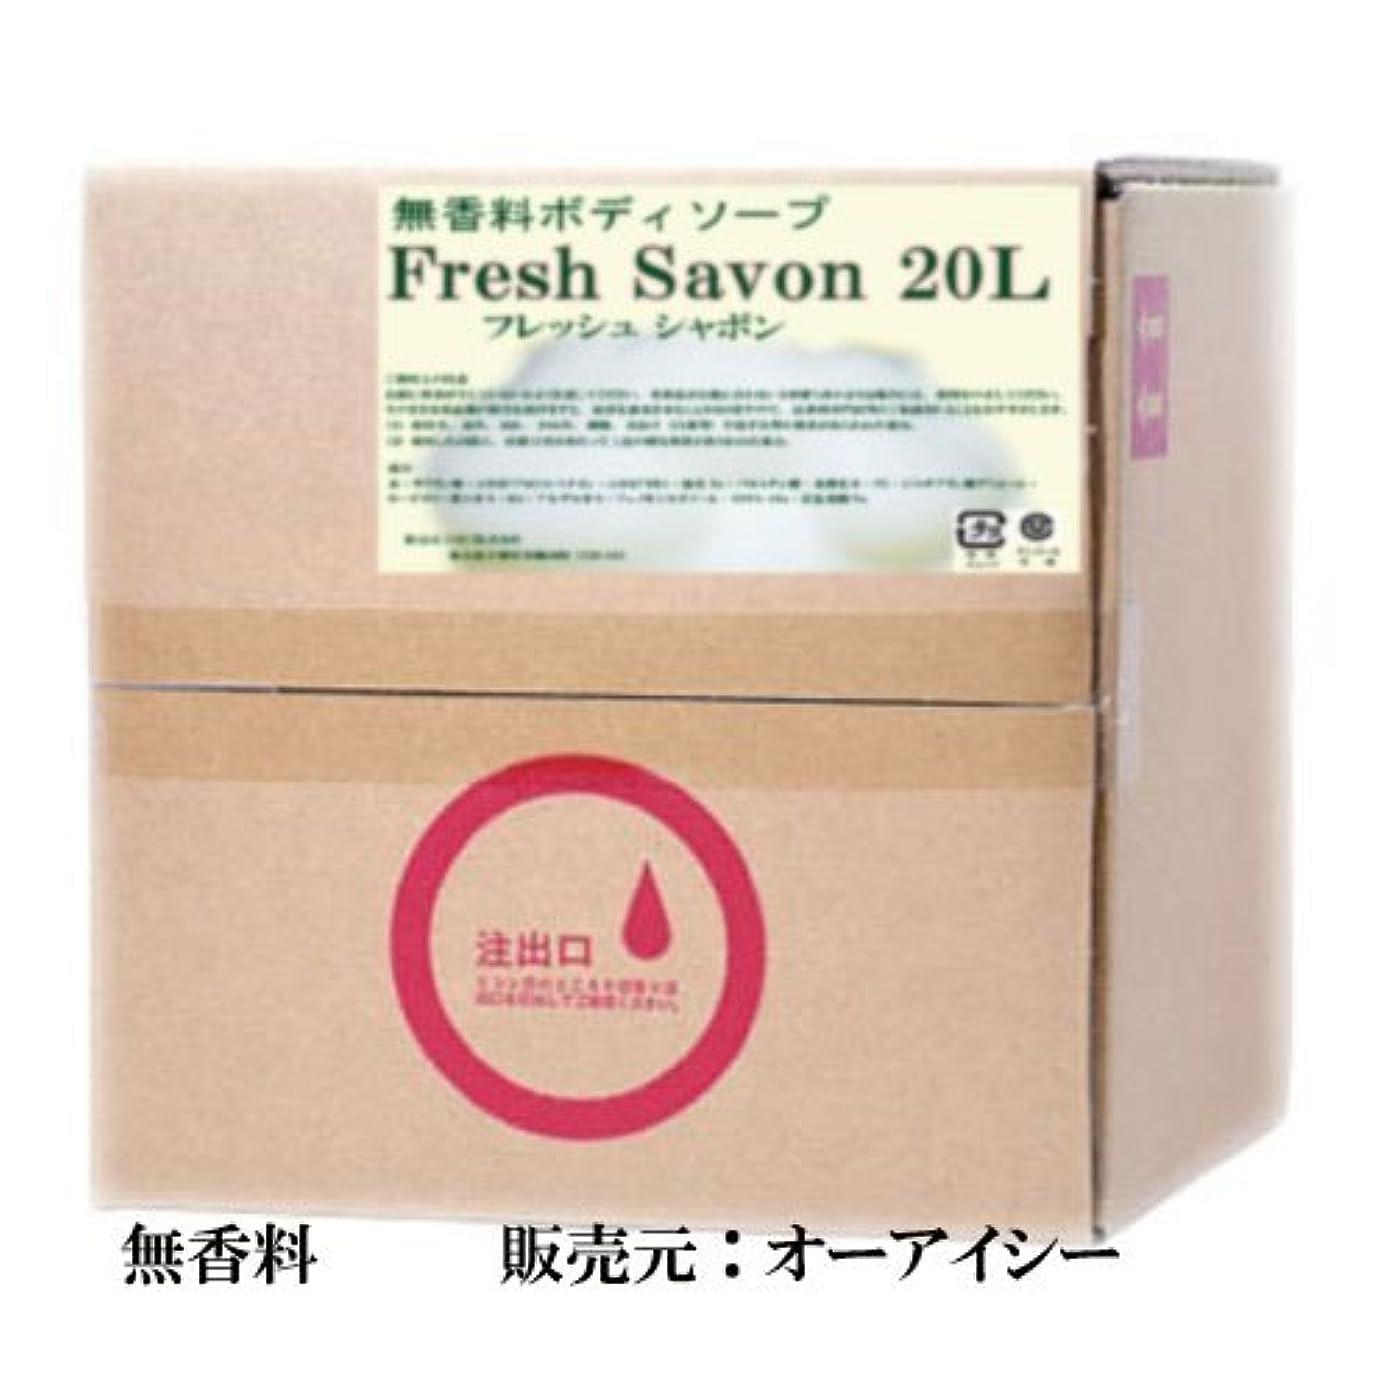 飼料現金心から業務用 無香料 ボディソープ フレッシュシャボン 20L (販売元:オーアイシー) (ホワイト)